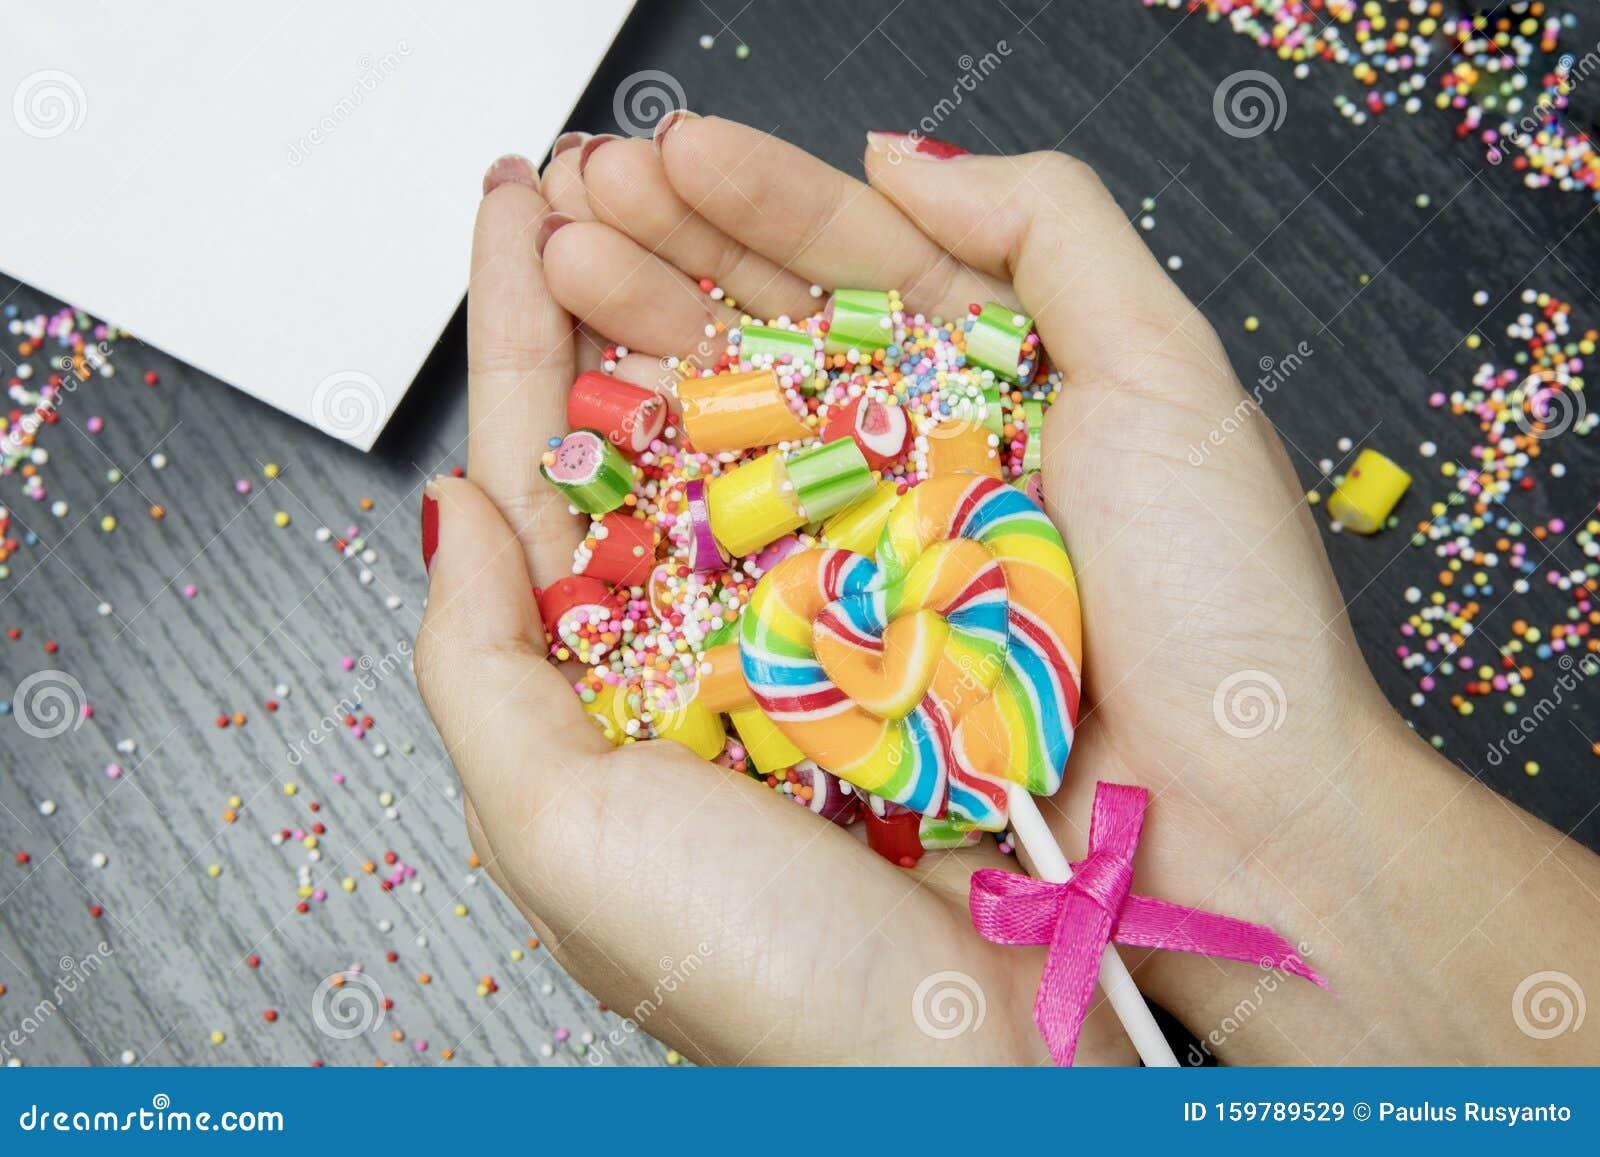 Mani Delle Donne Che Tengono Caramelle Colorate Assortite ...